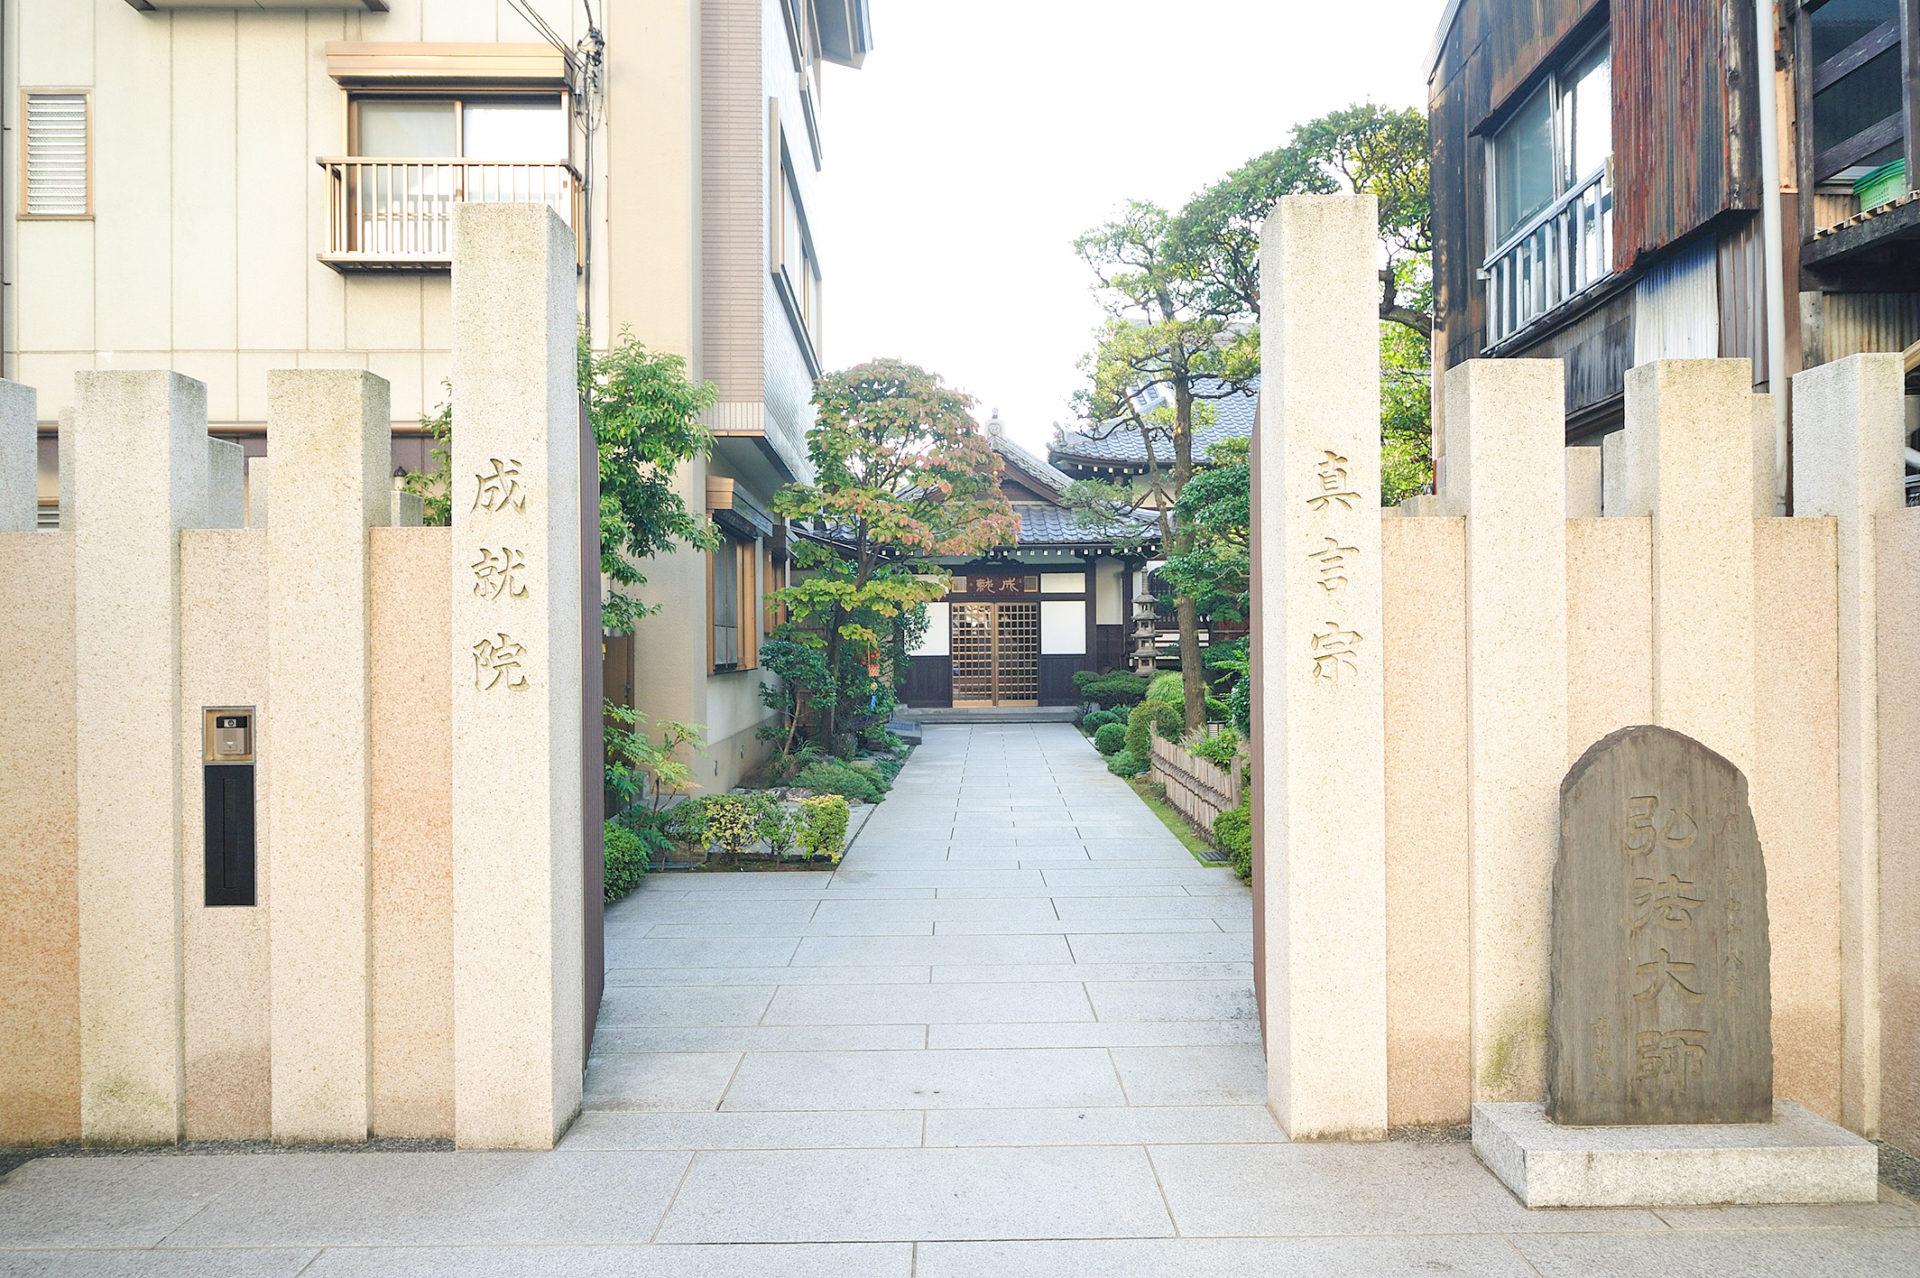 上野成就院<br>(東京都台東区)